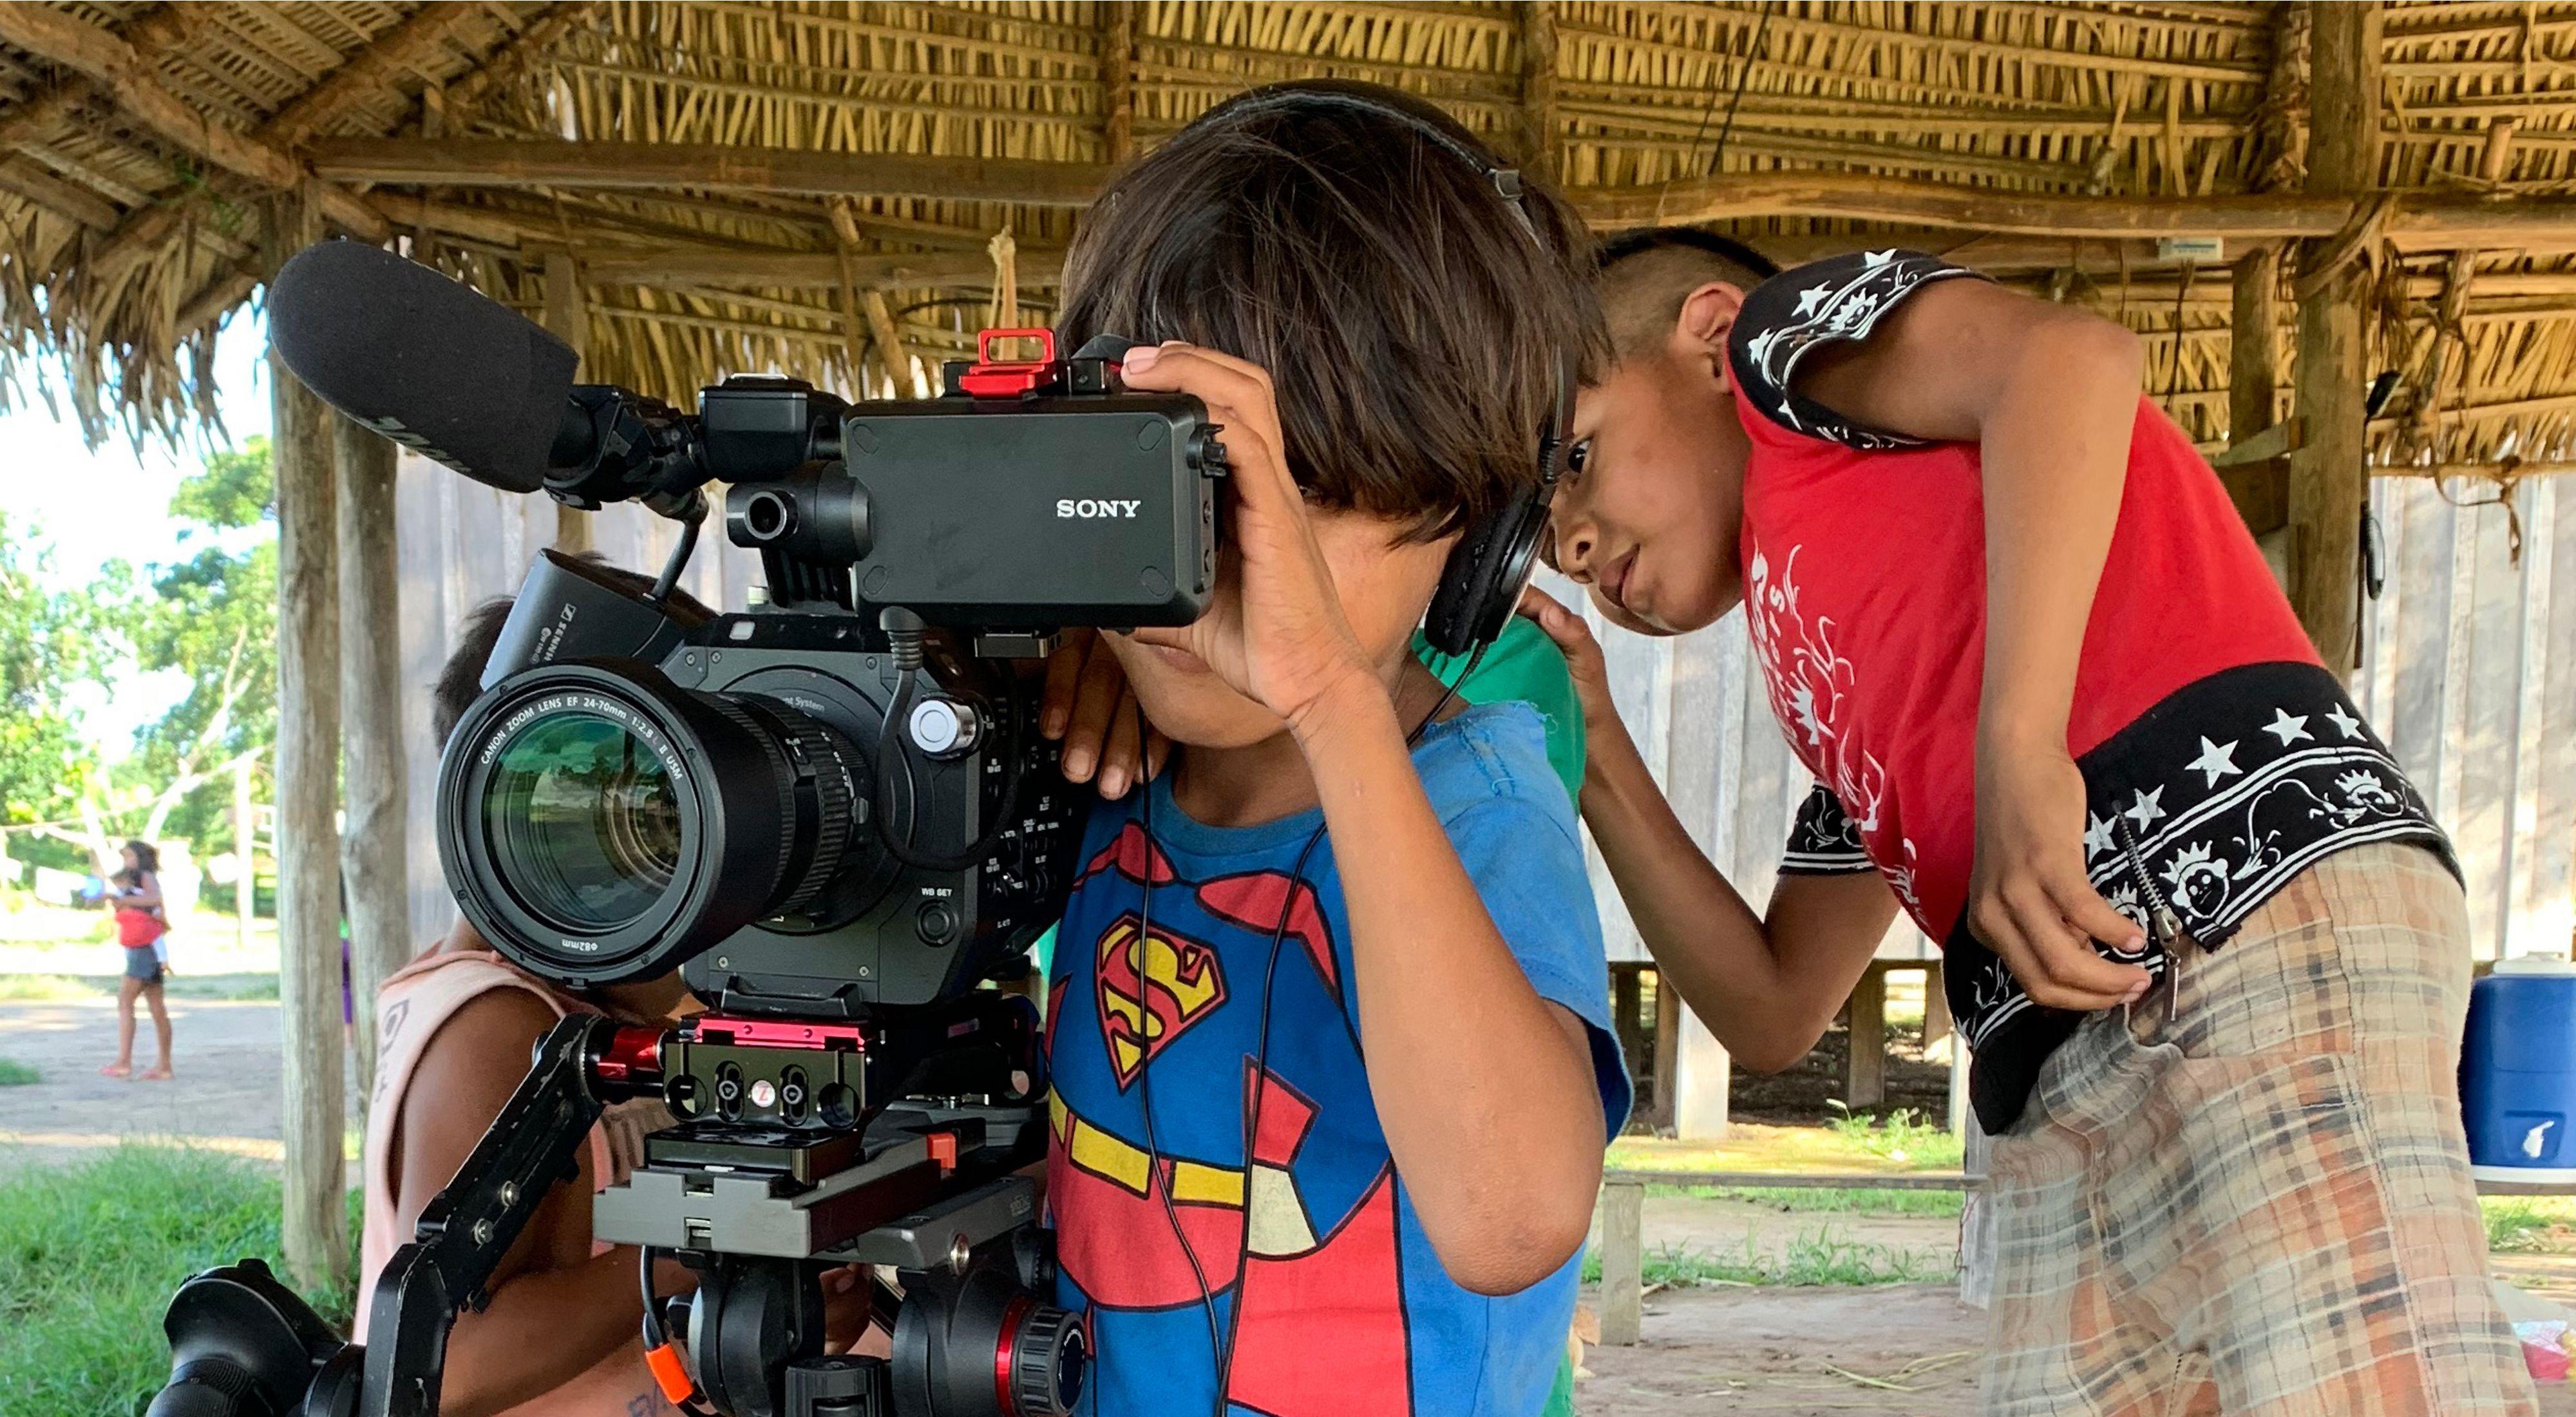 Crianças indígenas do povo Parakanã brincando com a câmera durante as filmagens de uma série sobre artesanato do povo Parakanã.